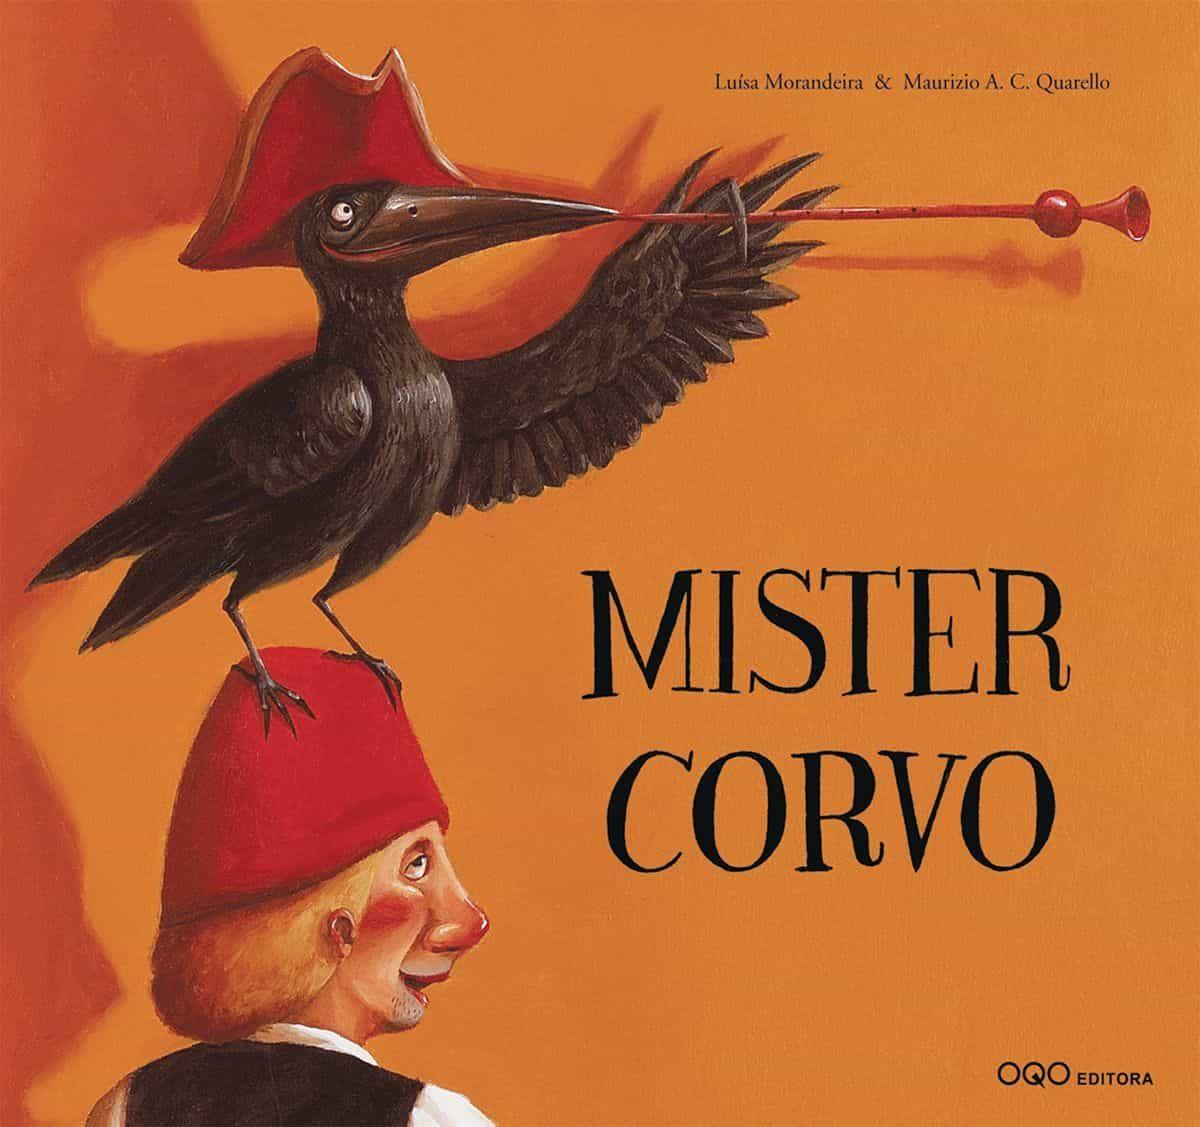 Mister Corvo por Luisa Morandeira;                                                           Maurizio Quarello